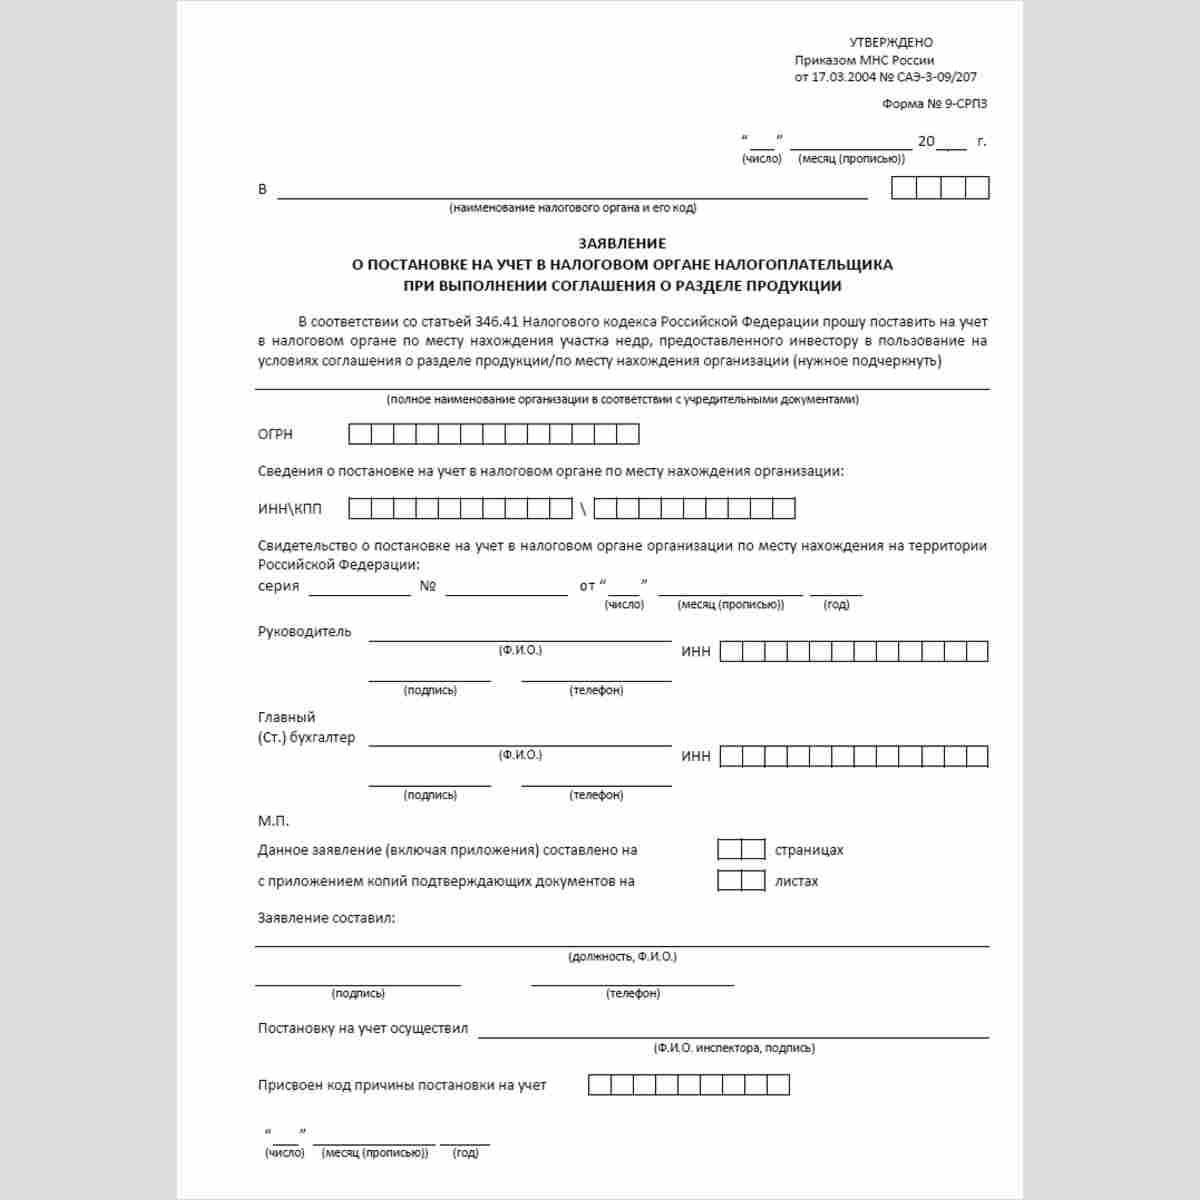 """Форма """"Заявление о постановке на учет в налоговом органе налогоплательщика при выполнении соглашения о разделе продукции"""" (Форма №9-СРПЗ)"""